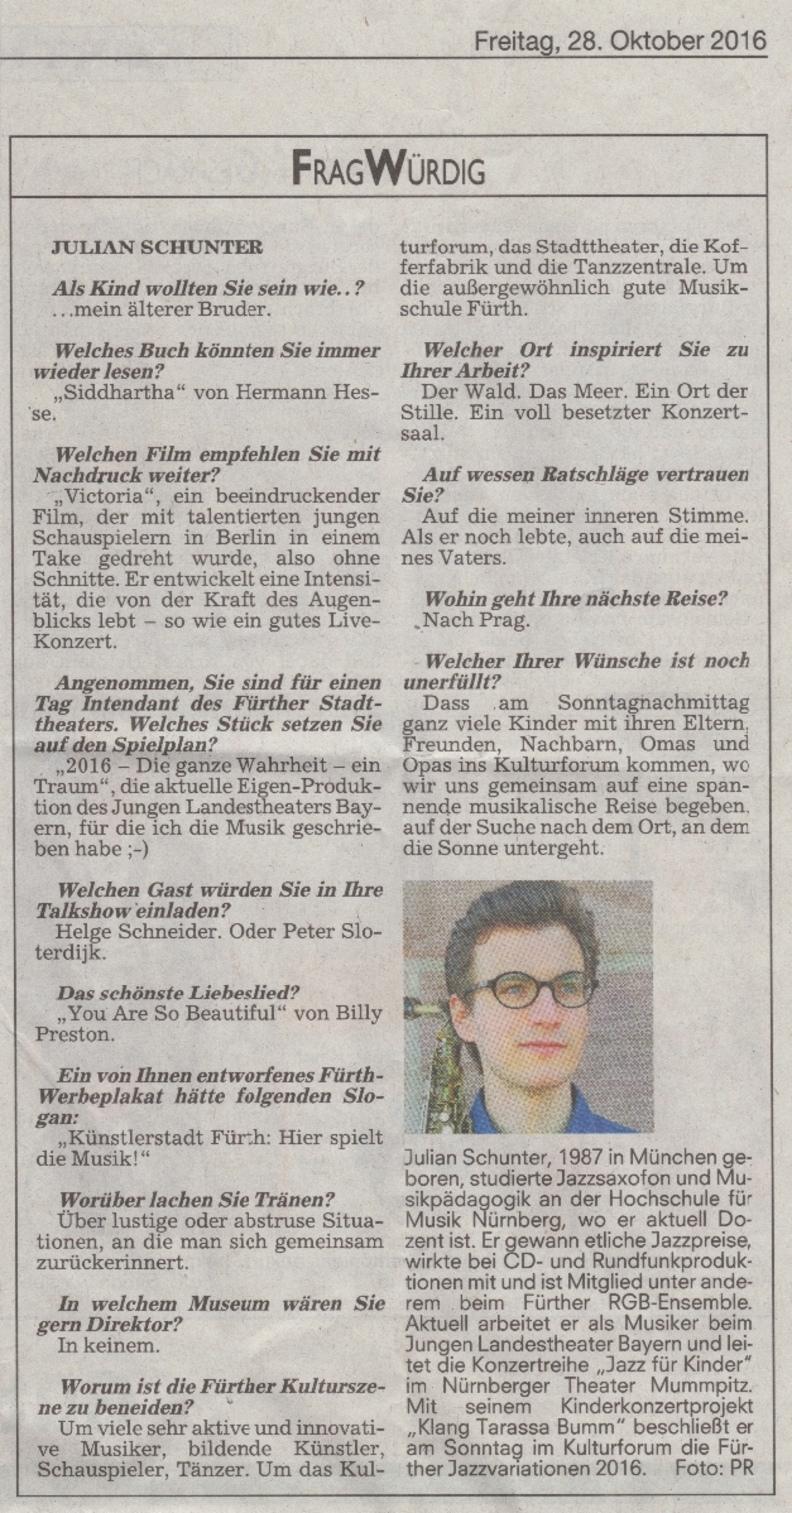 FragWürdig. Interview mit Julian Schunter.